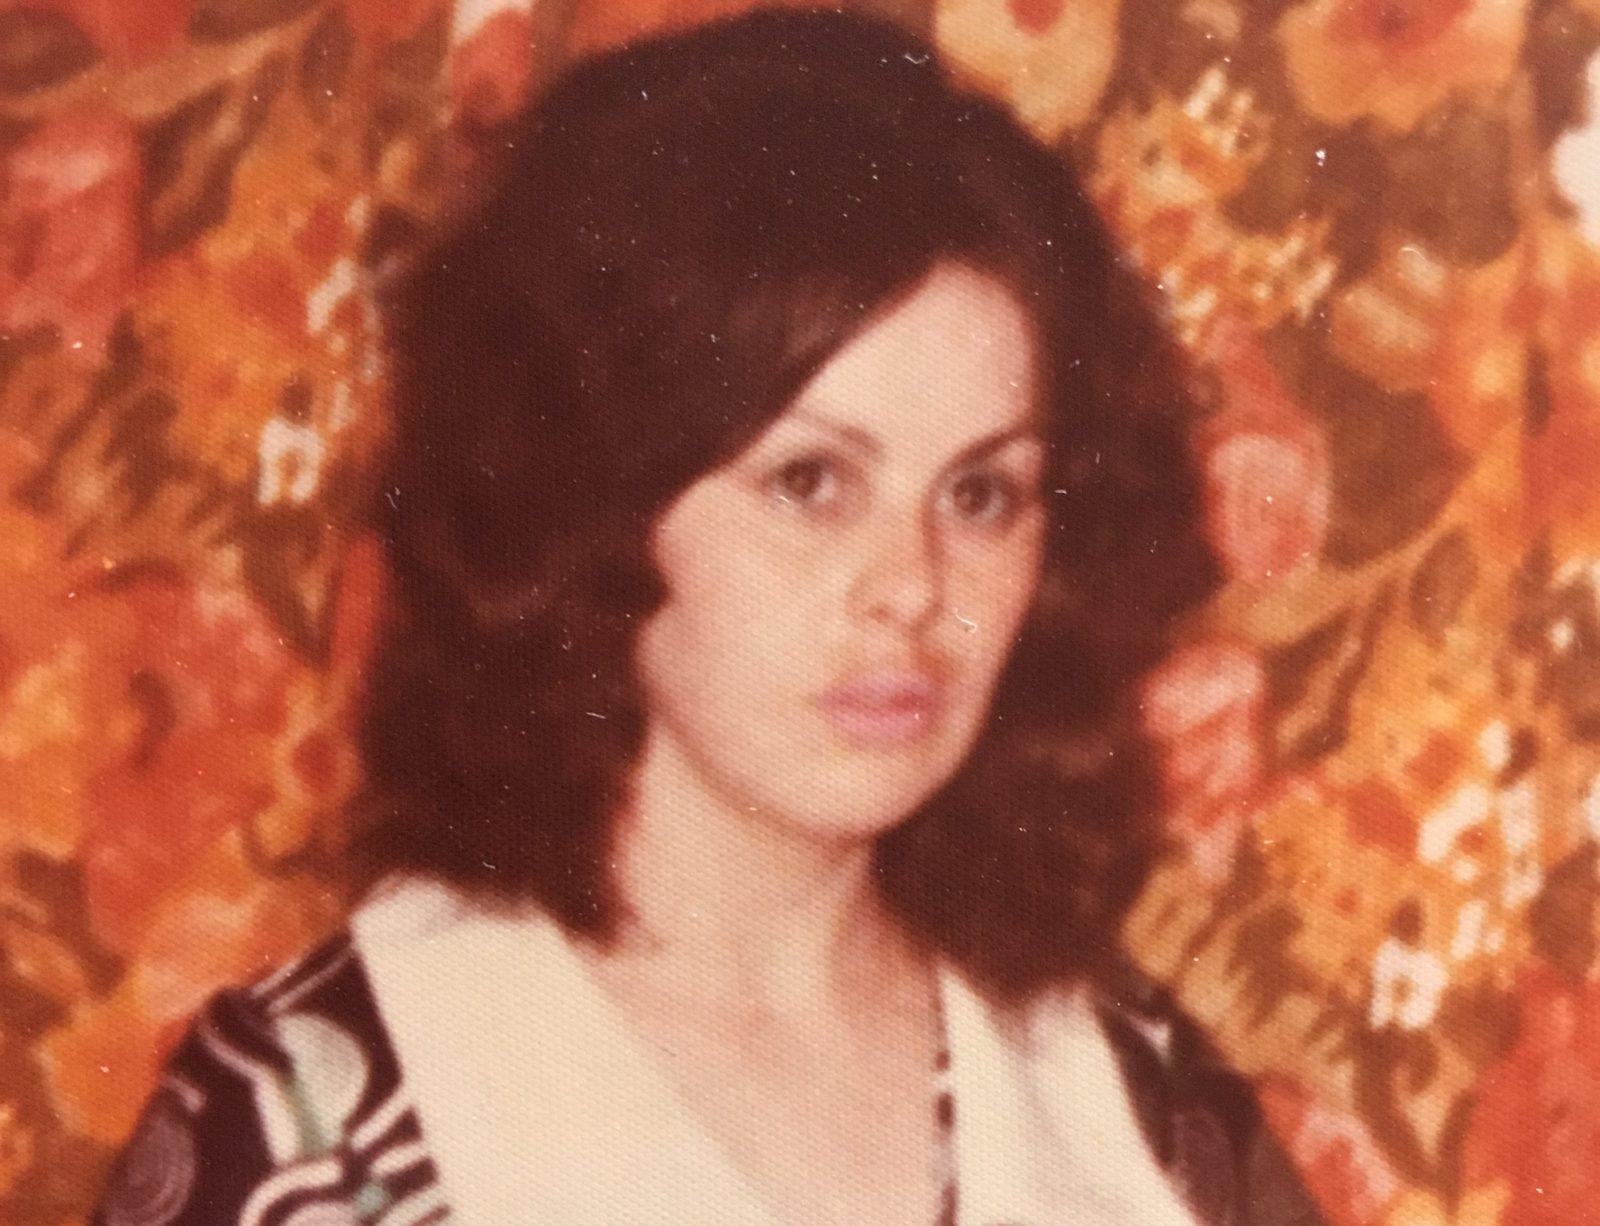 Les proches d'une Forestvilloise disparue en 1976 veulent connaître la vérité